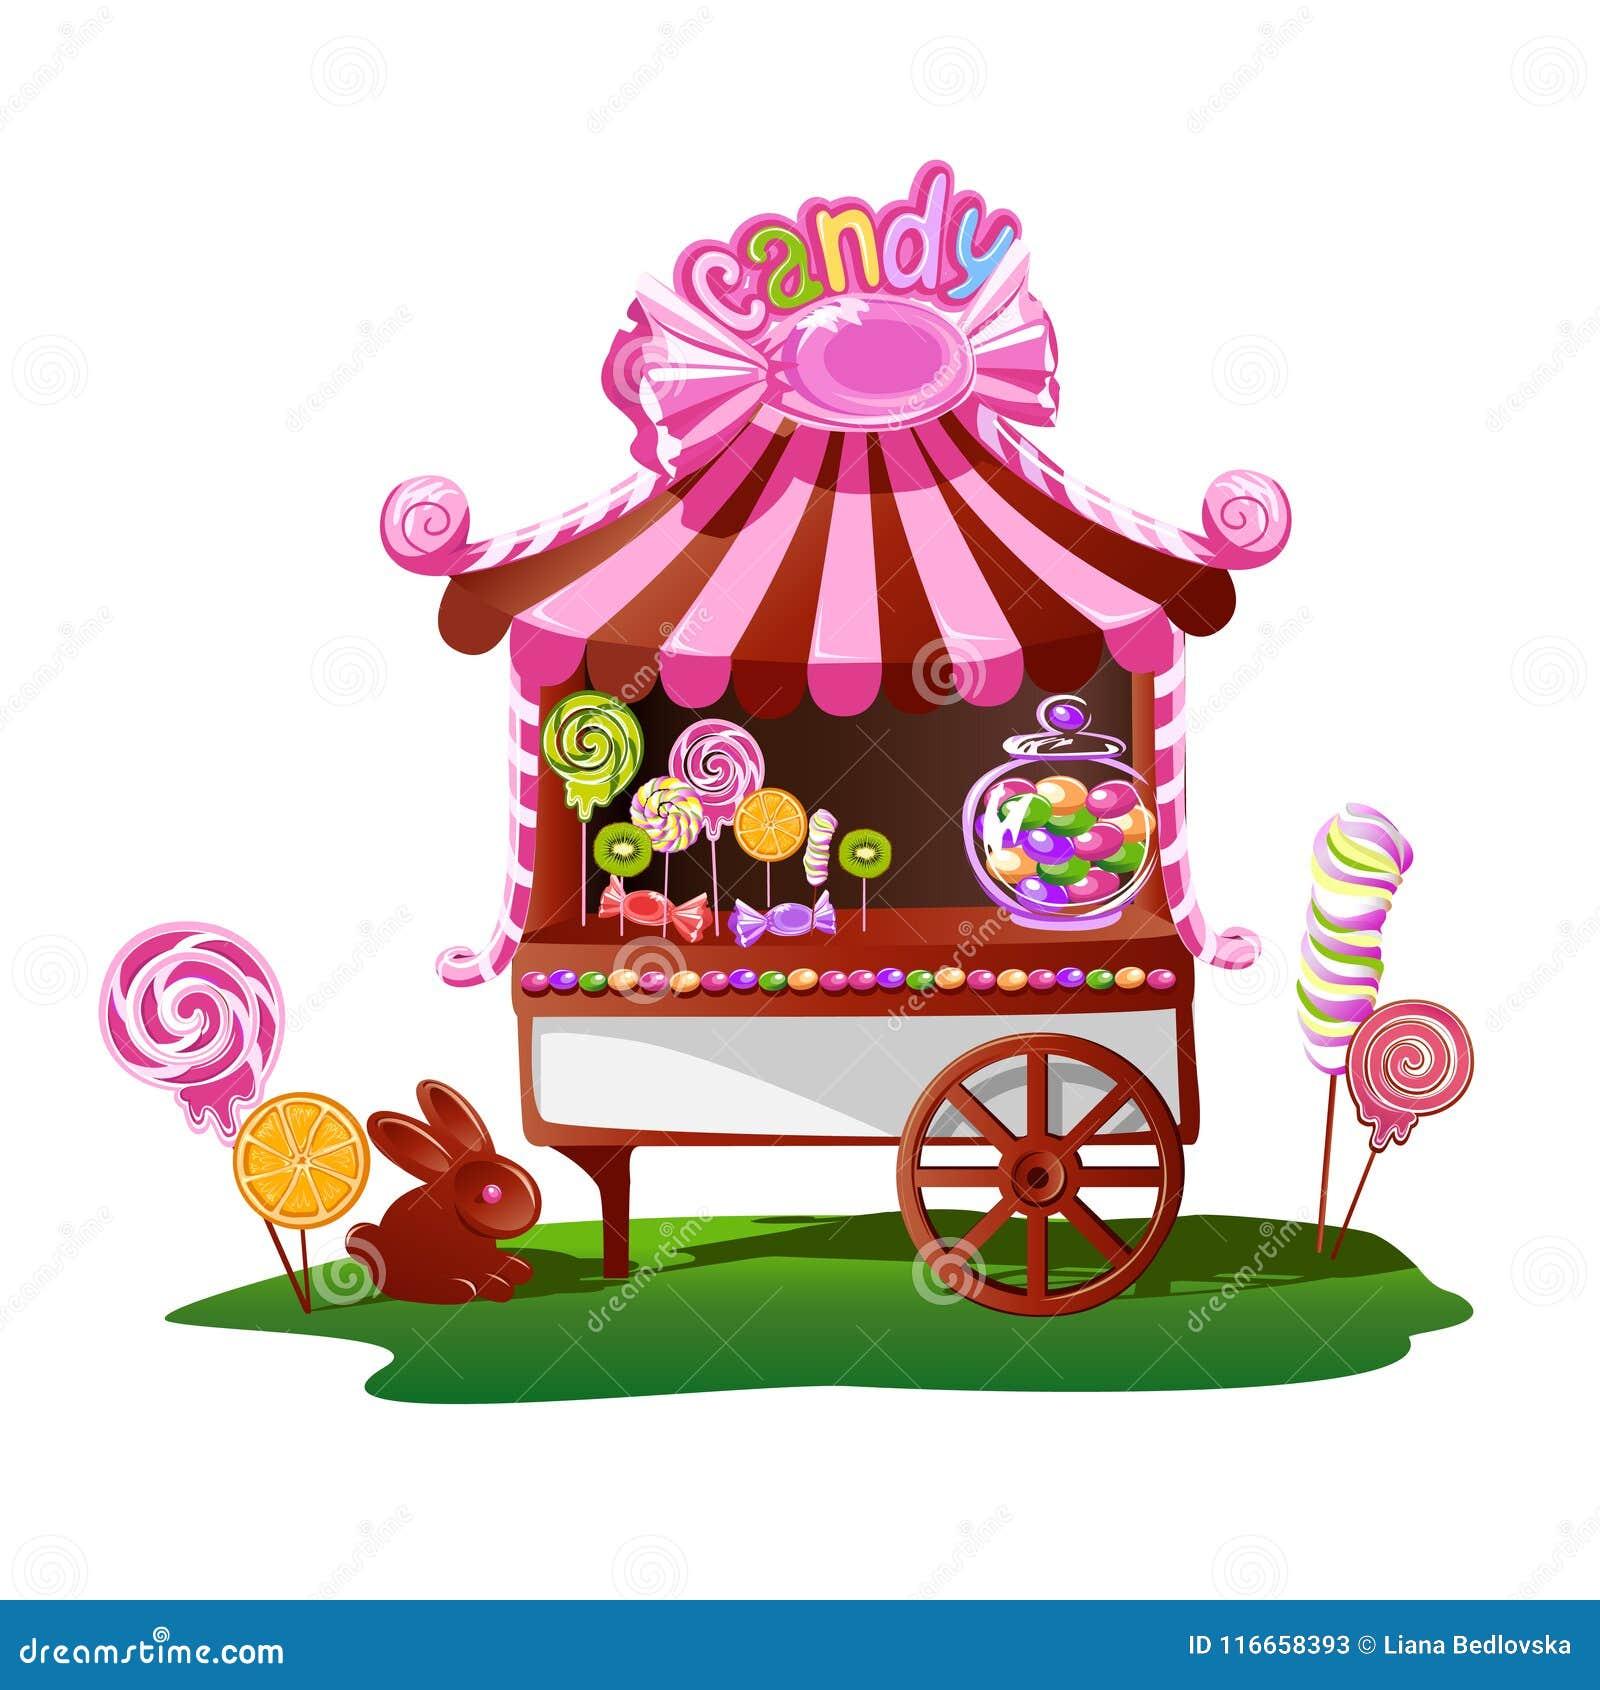 Boutique de sucrerie avec un décor gai